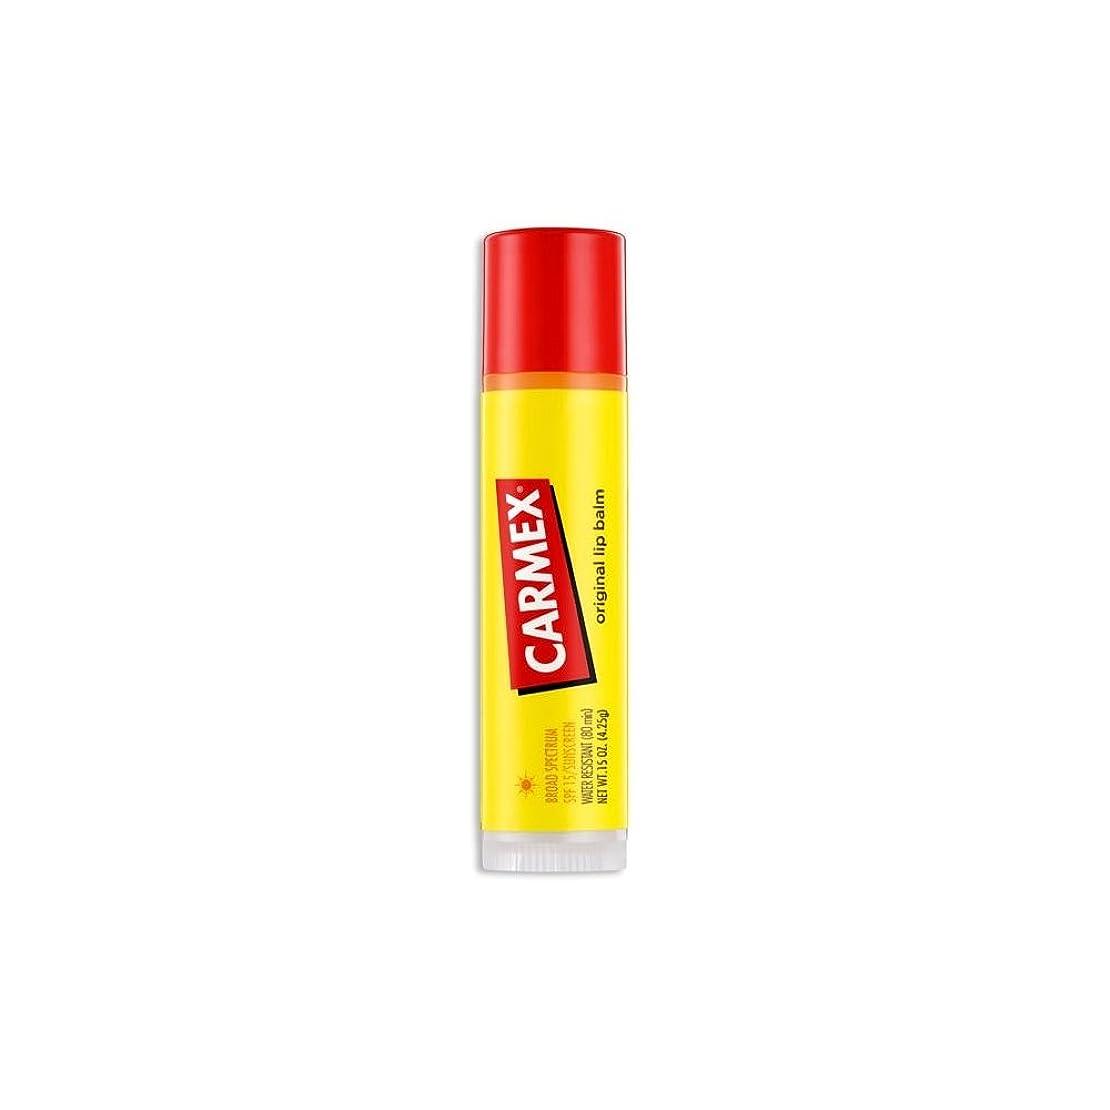 ミント購入トレーニング(3 Pack) CARMEX Original Flavor Sticks Original (並行輸入品)